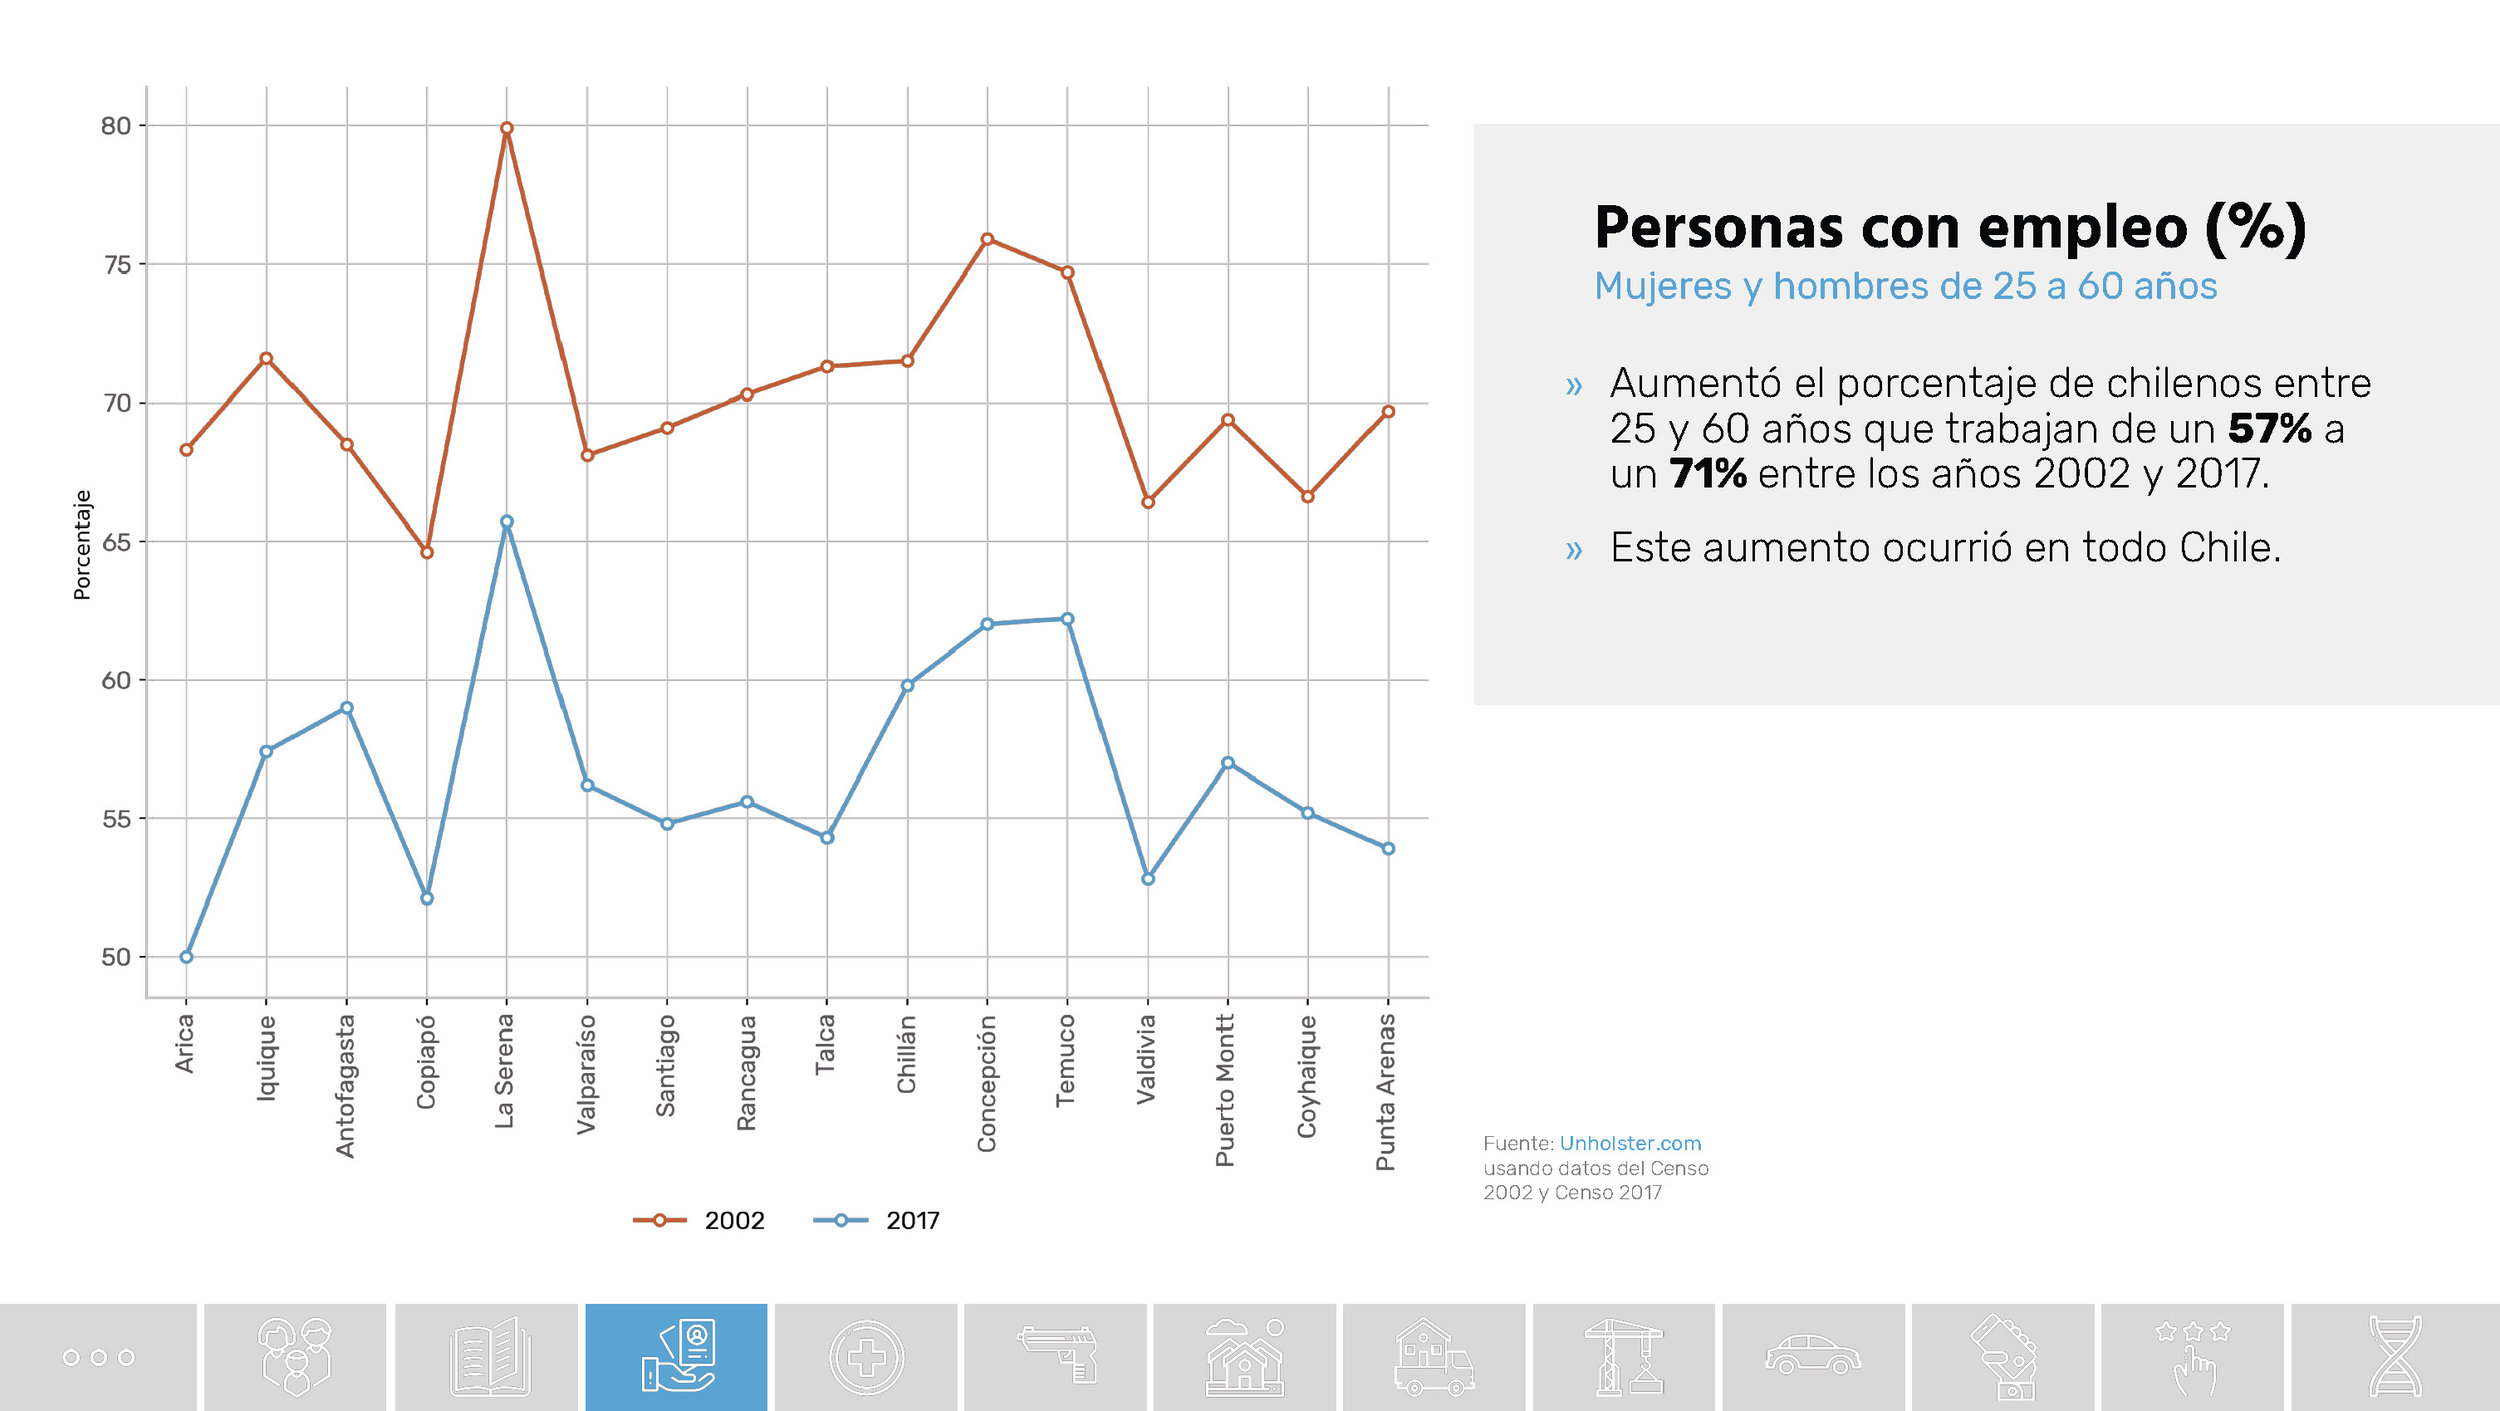 Chile_Datos de una transformacion social_Unholster_Página_26.jpg